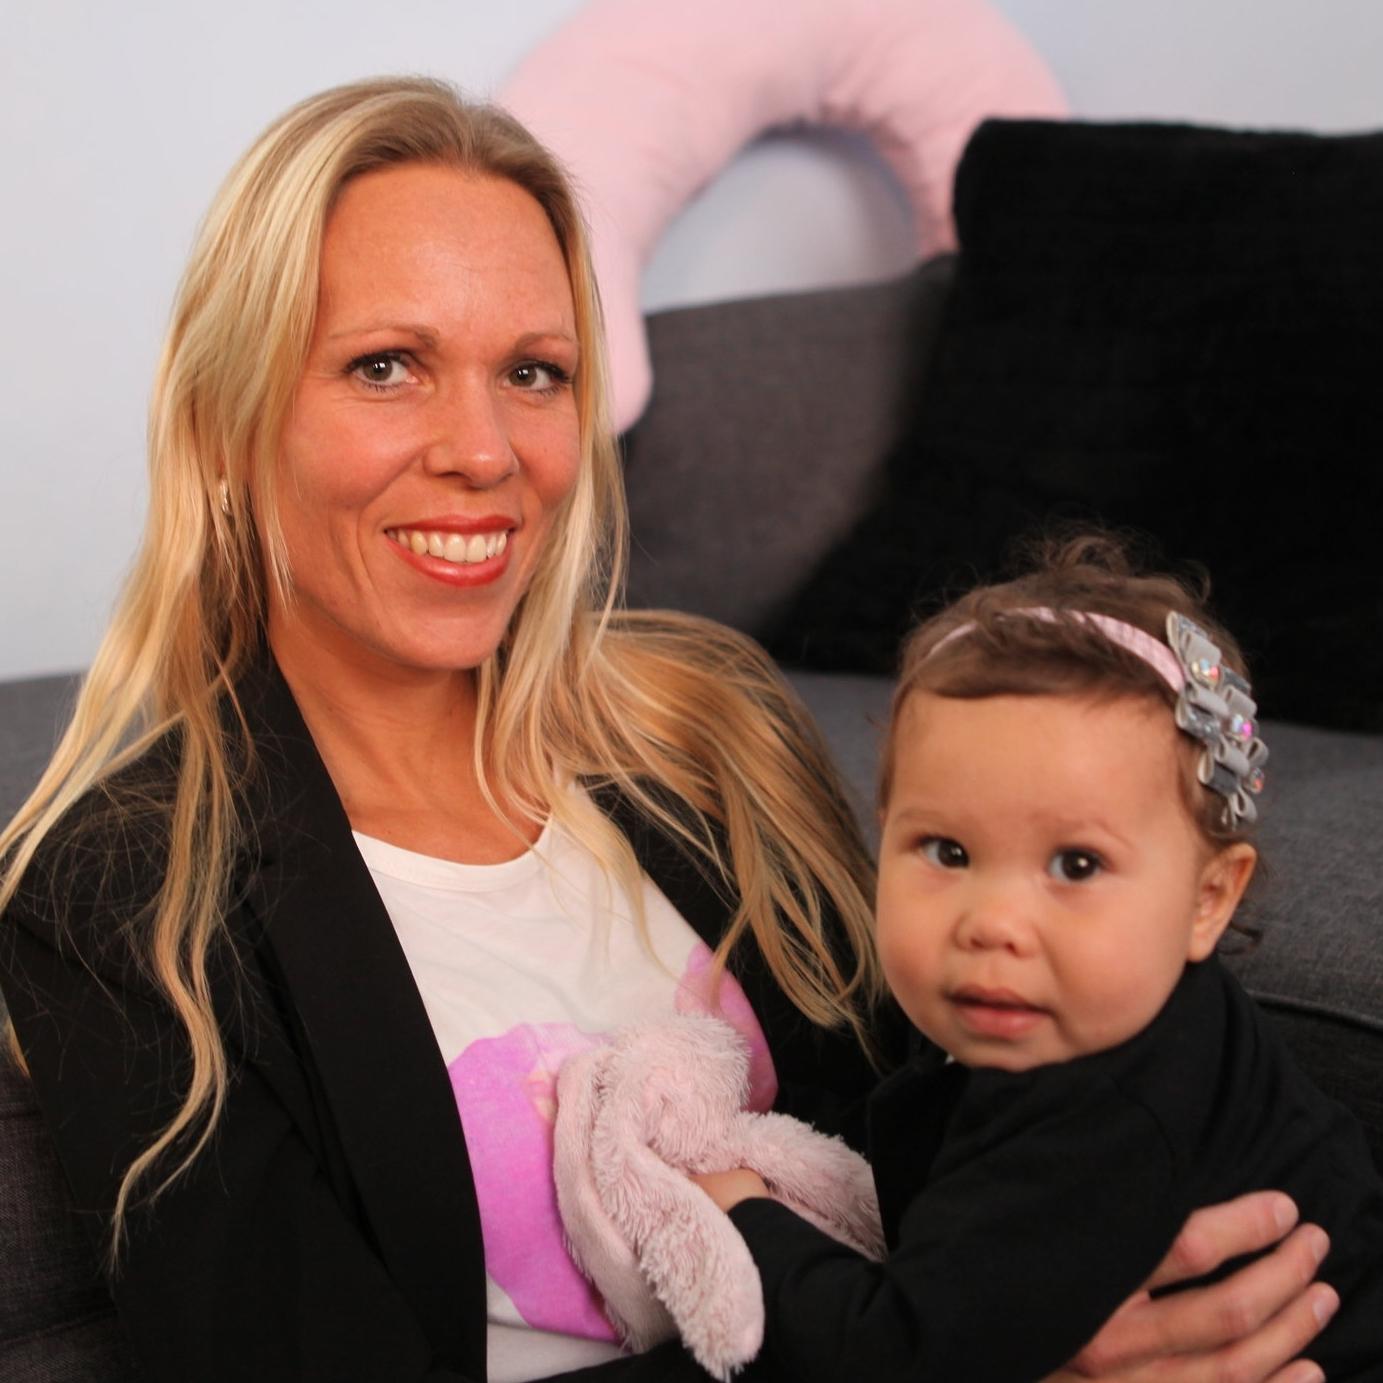 Natalie, alleenstaande moeder  - Natalie voedt haar twee dochtertjes alleen op. Haar oudste dochter is al 10 jaar en de jongste 9 maanden, maar het gaat heel goed samen. Natalie geeft nog steeds borstvoeding.